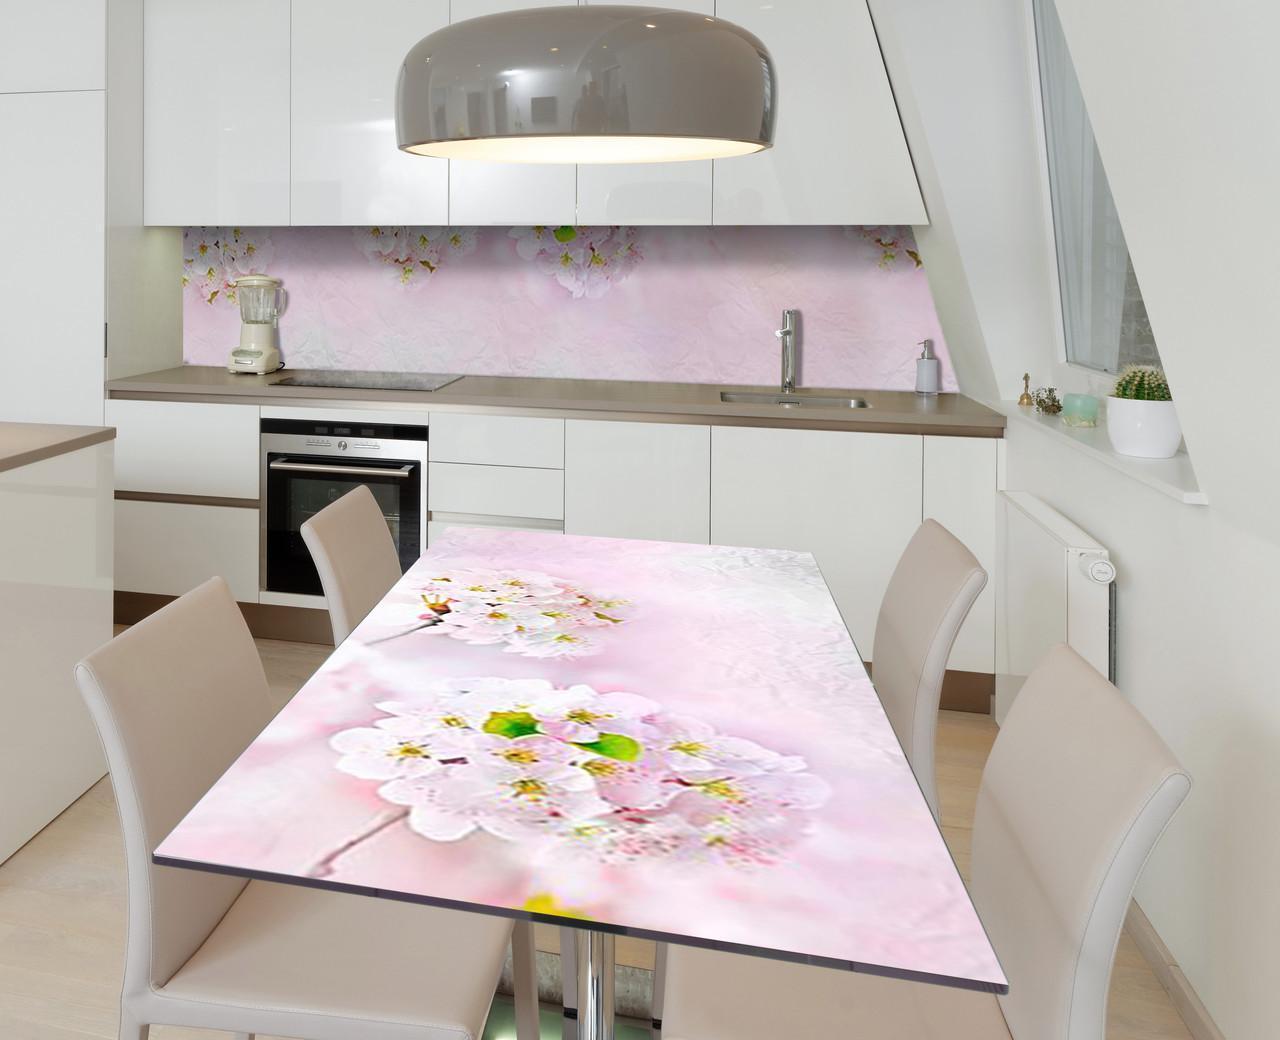 Наклейка 3Д виниловая на стол Zatarga «Сереневая улыбка» 650х1200 мм для домов, квартир, столов, кофейн, кафе